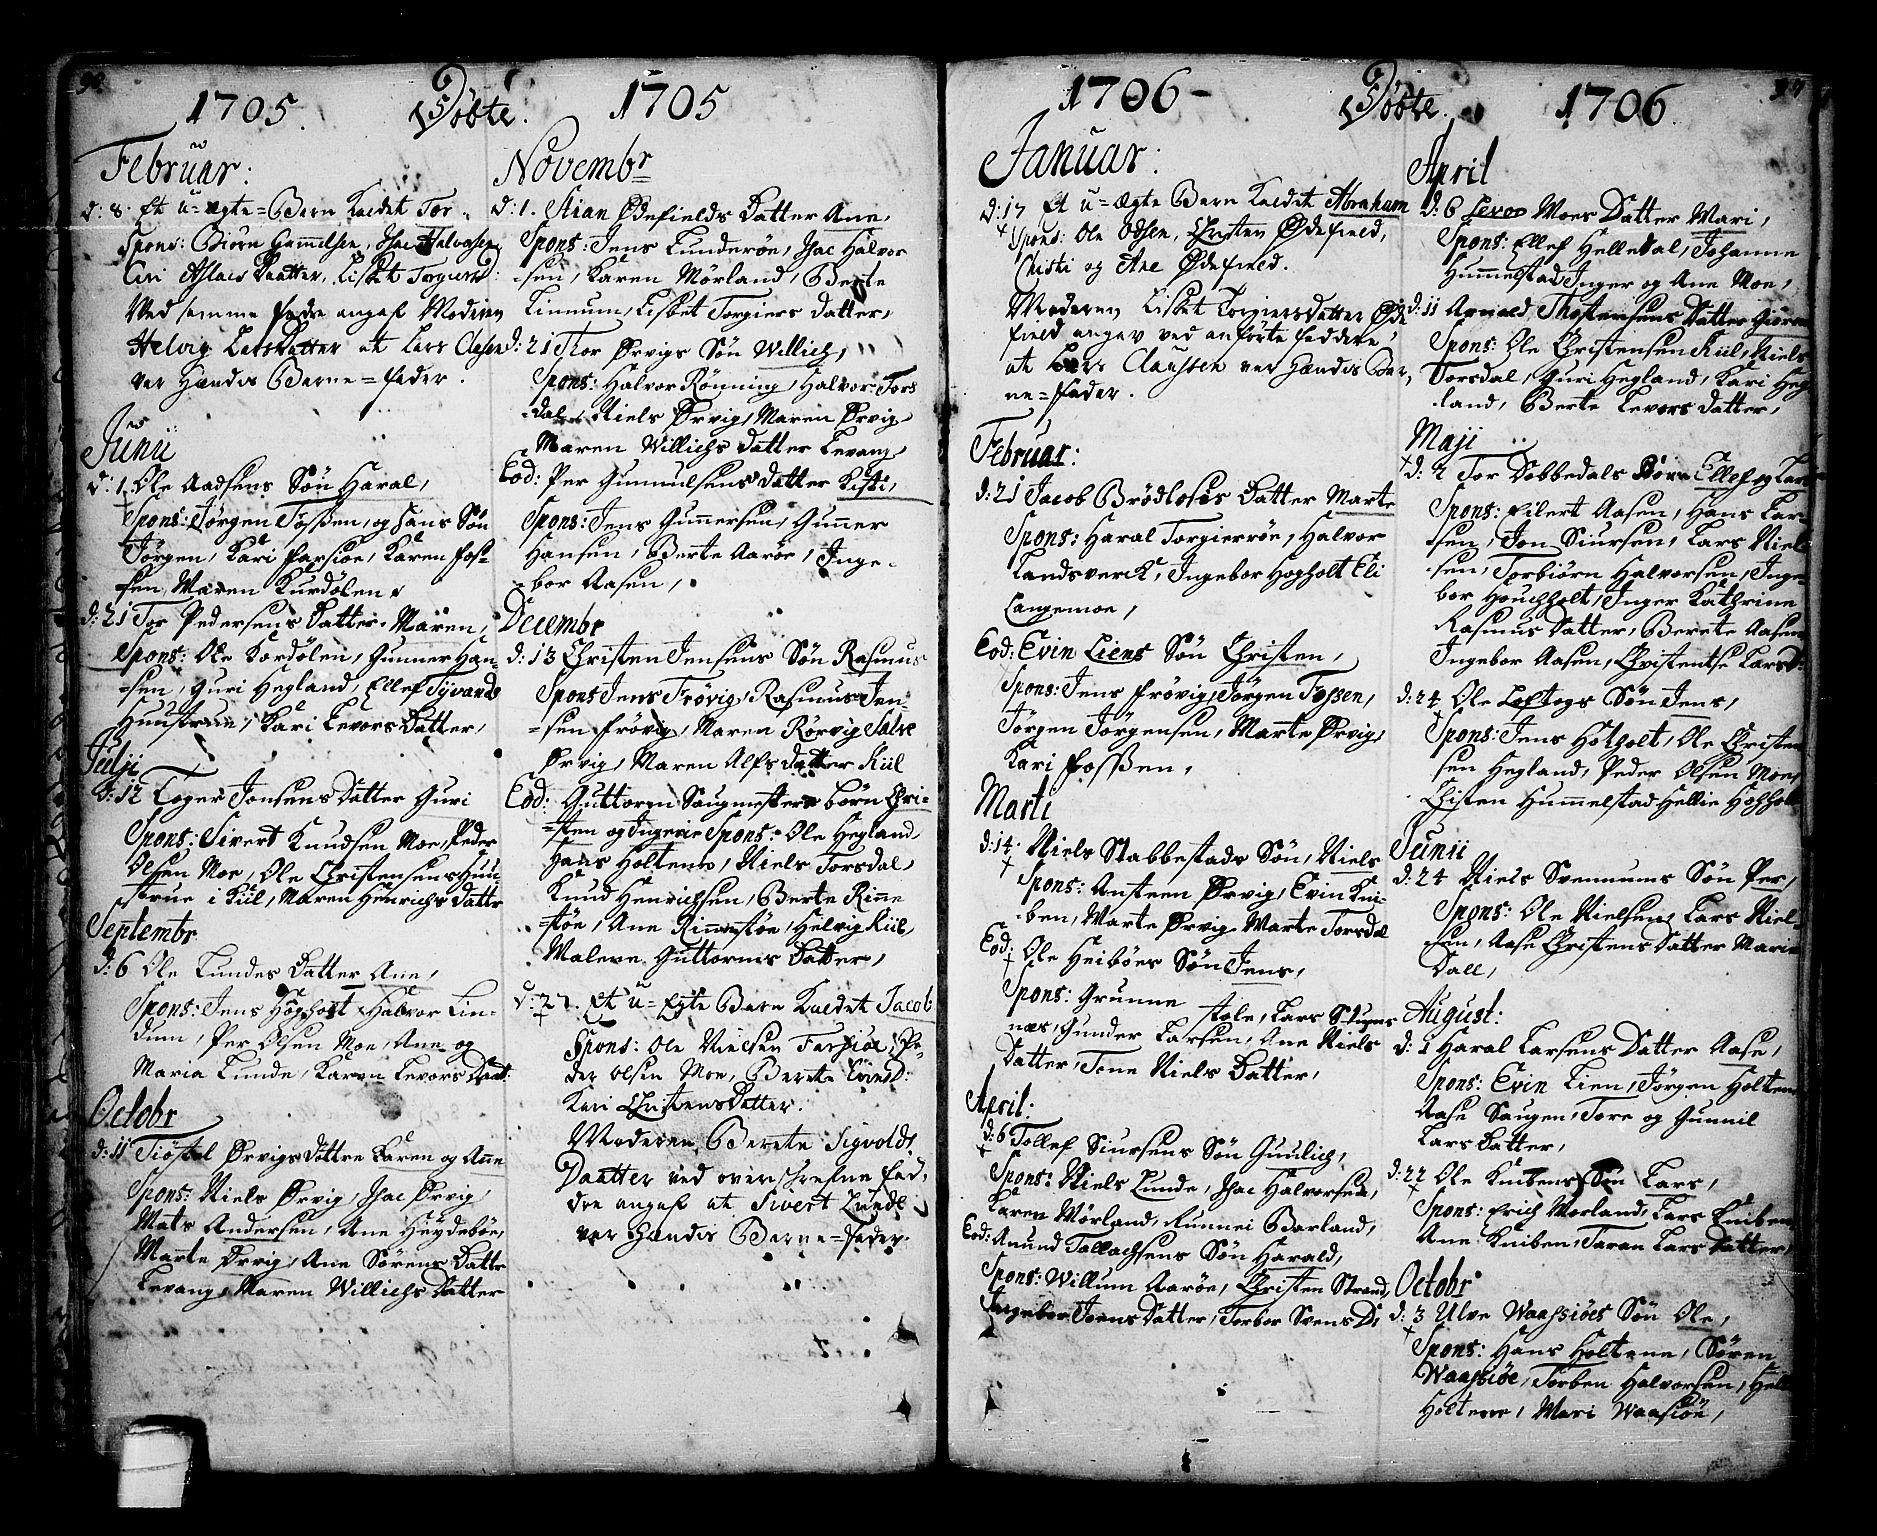 SAKO, Sannidal kirkebøker, F/Fa/L0001: Ministerialbok nr. 1, 1702-1766, s. 96-97